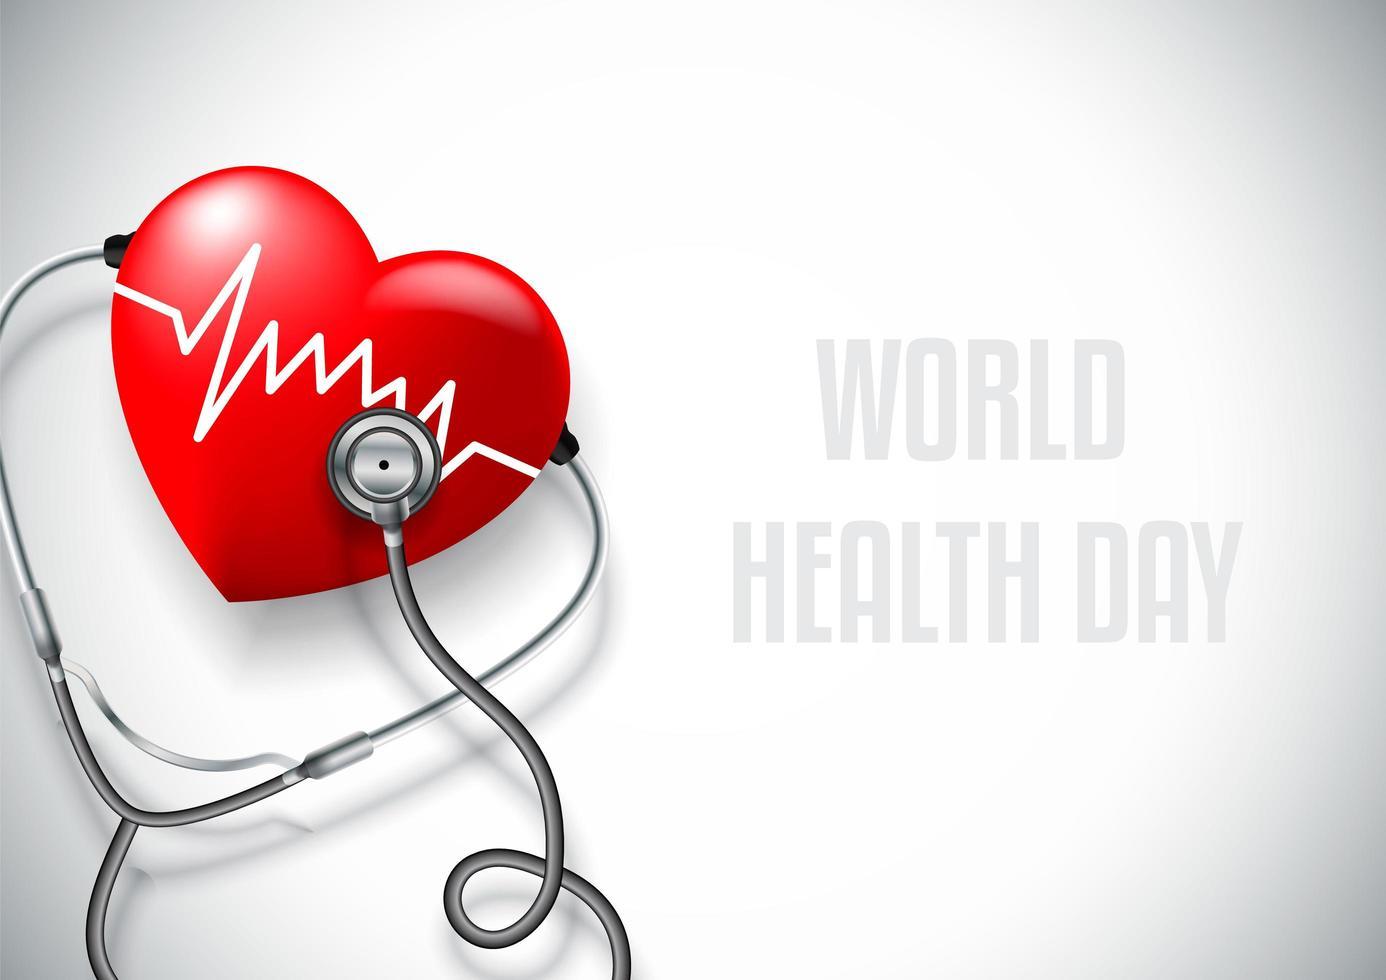 Weltgesundheitstagkonzept mit Impuls auf Herzen vektor